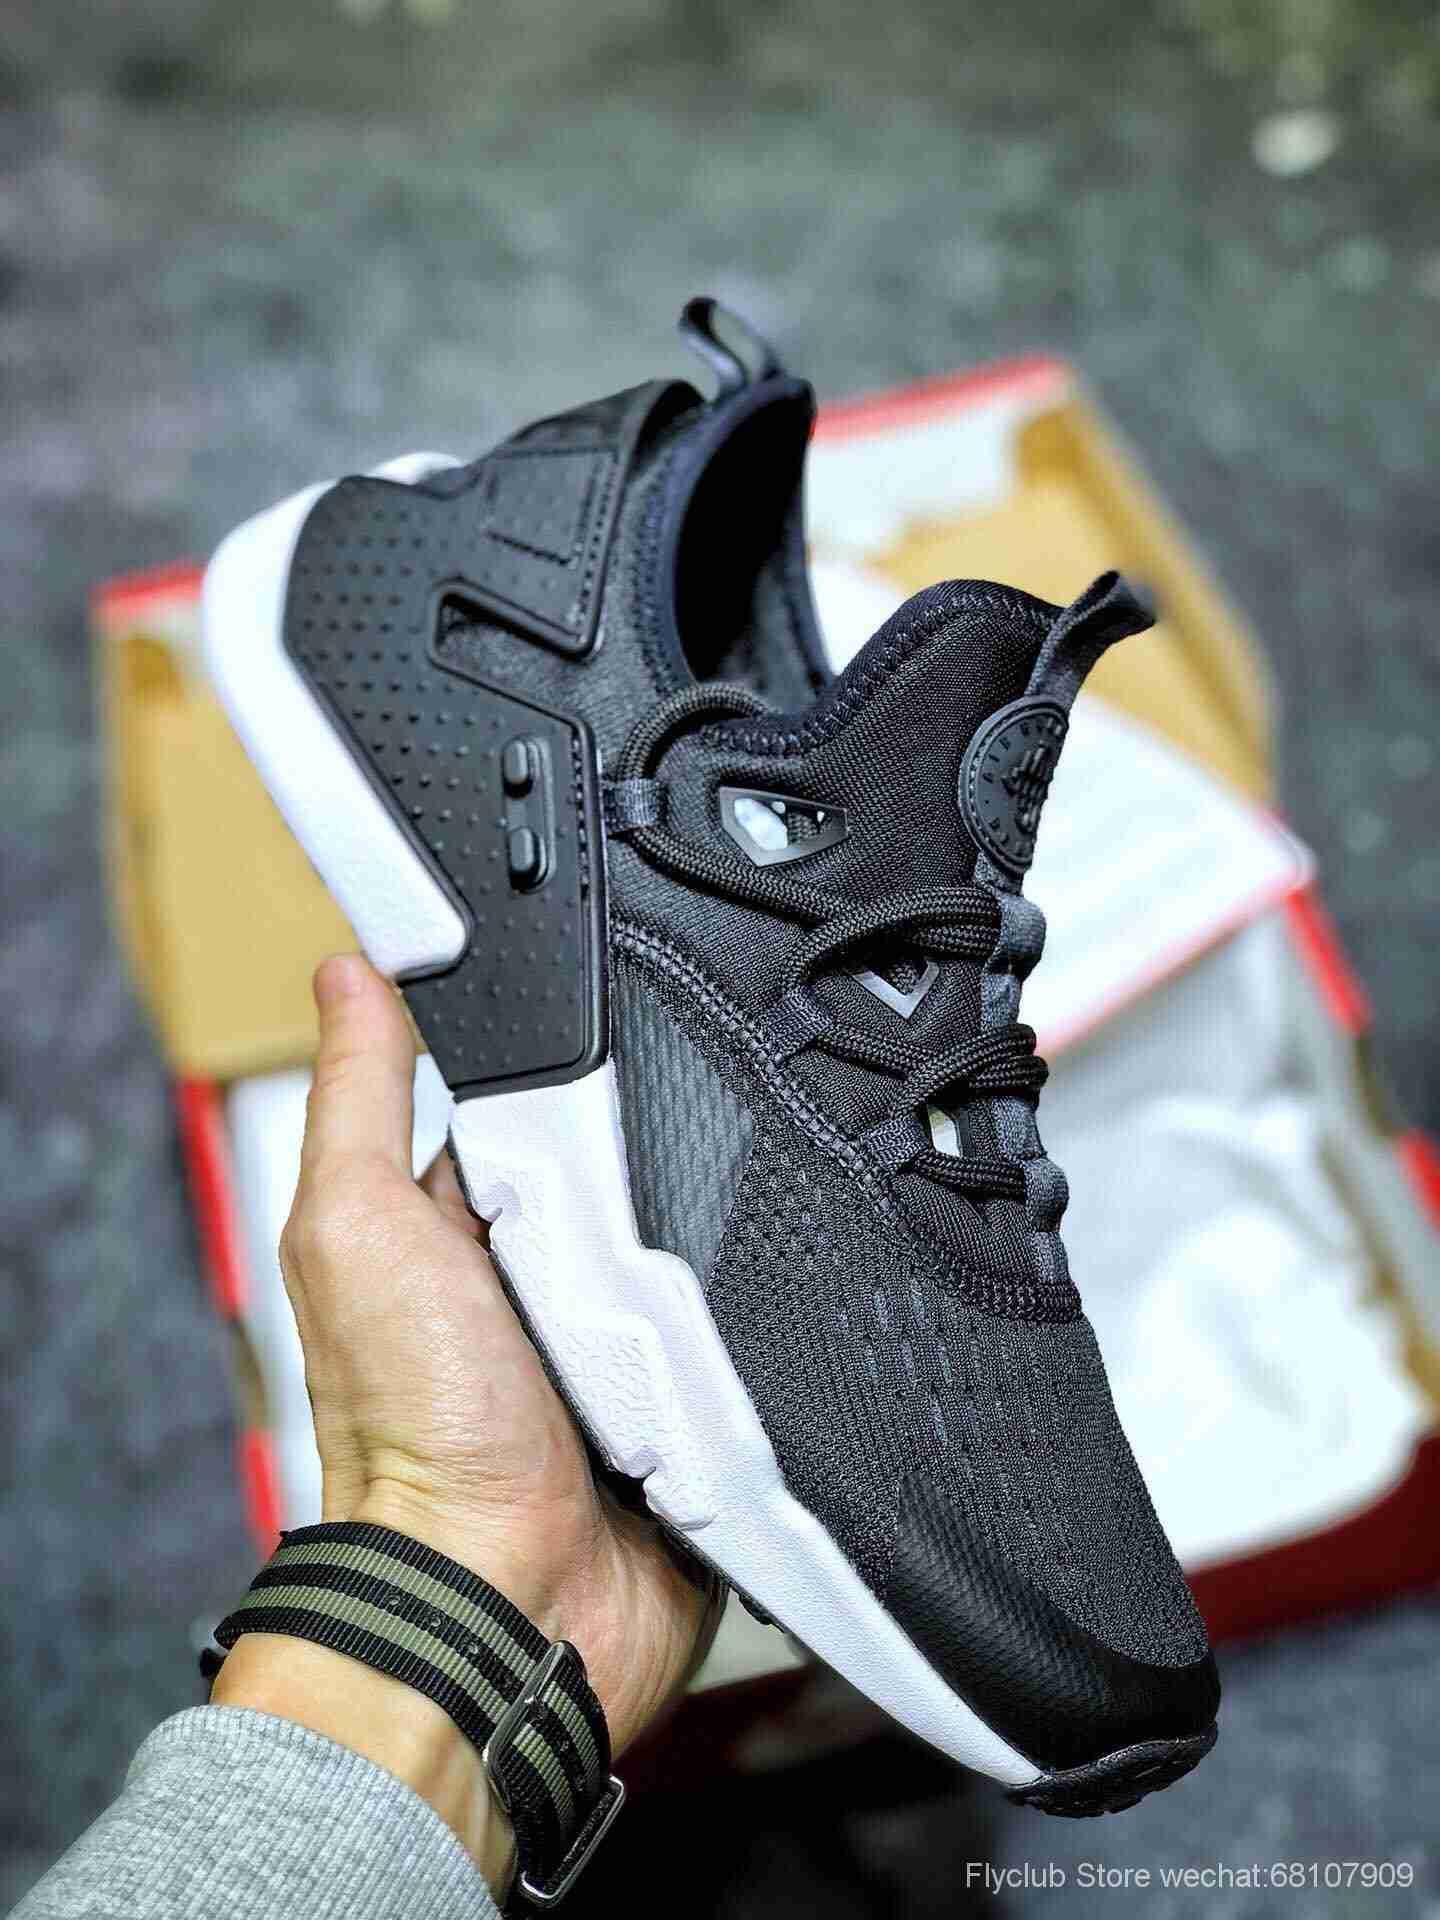 Nike Air Huarache Drift BR 6 Black White AO1133 002